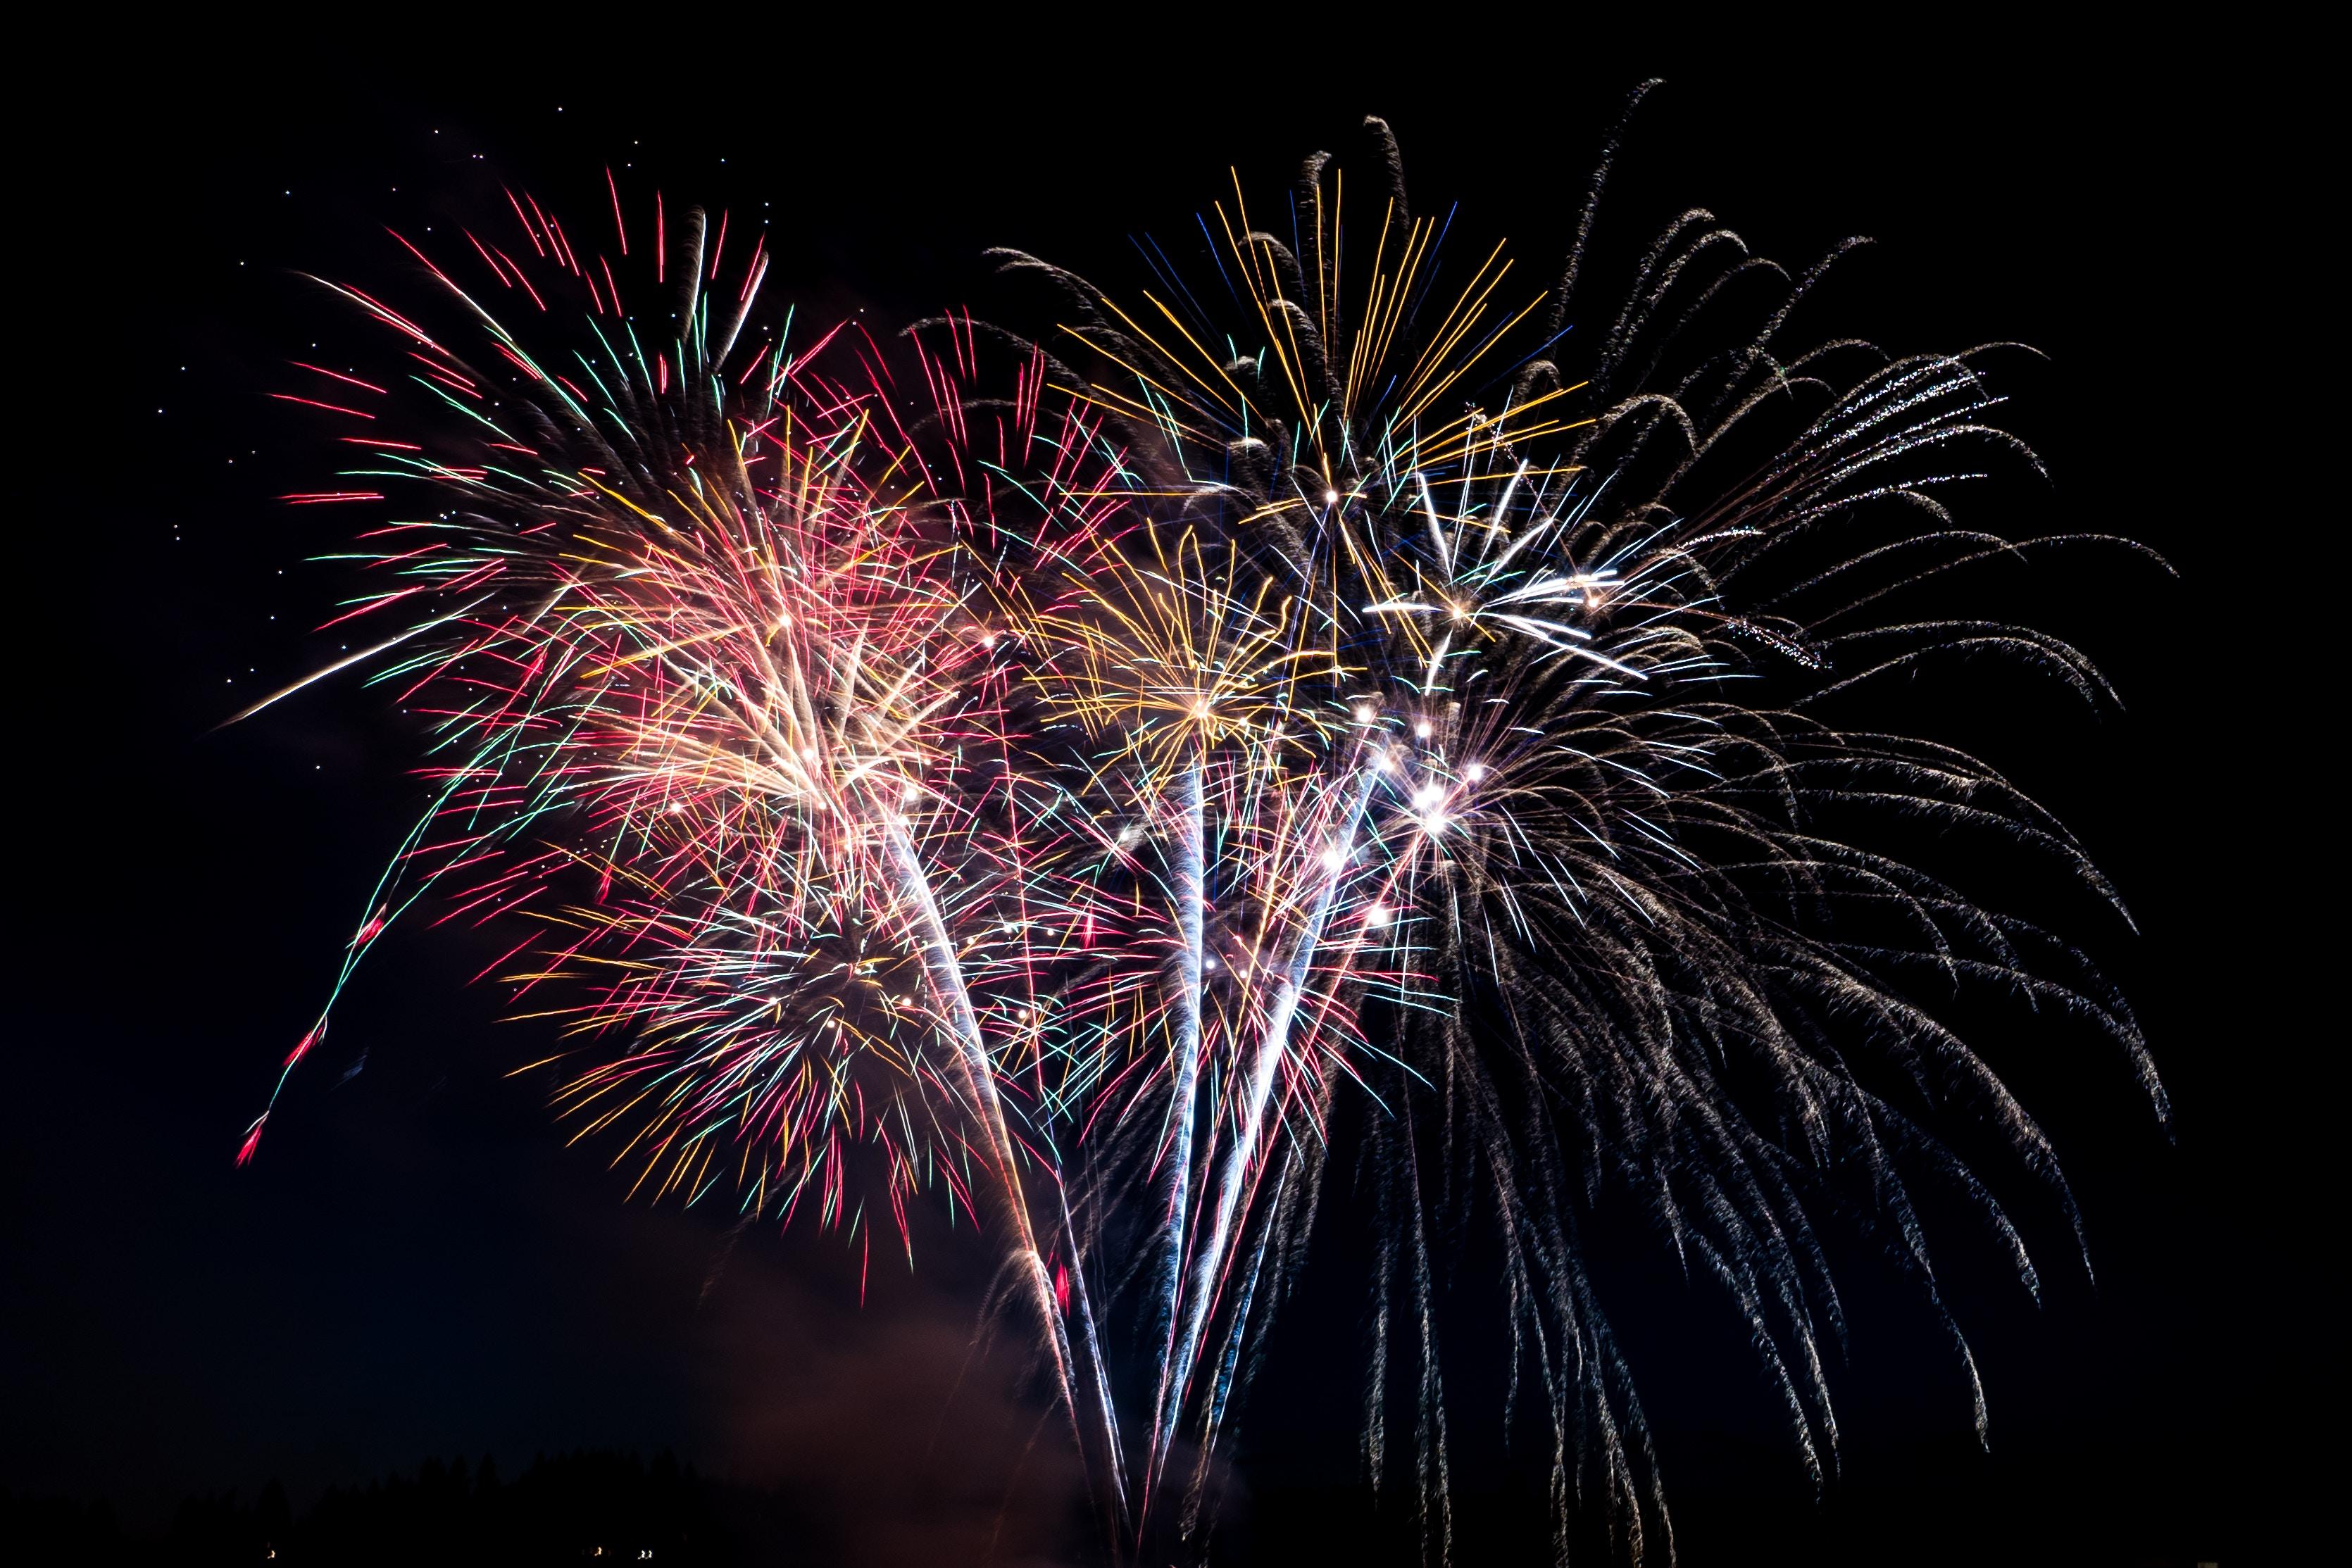 Foto Fuochi d'artificio